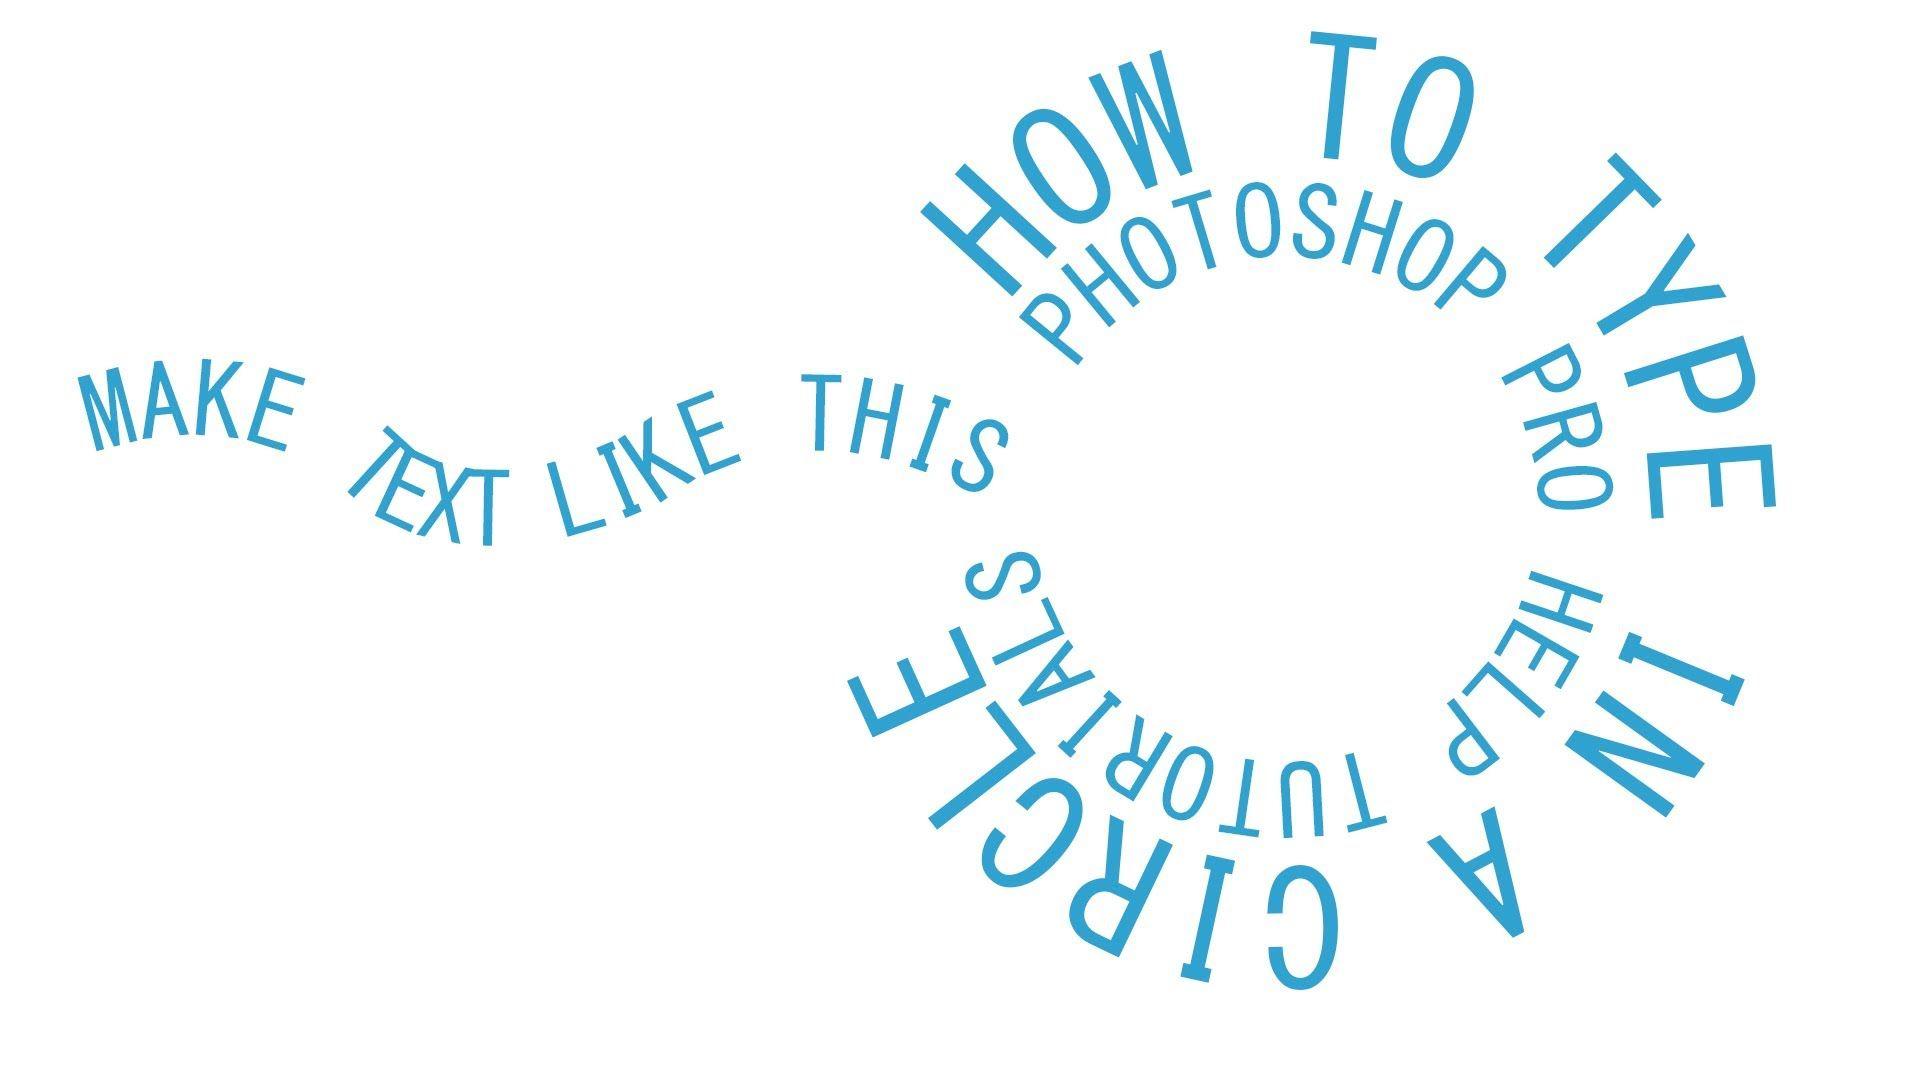 CS6 Circular Text Around A Path Photo poster